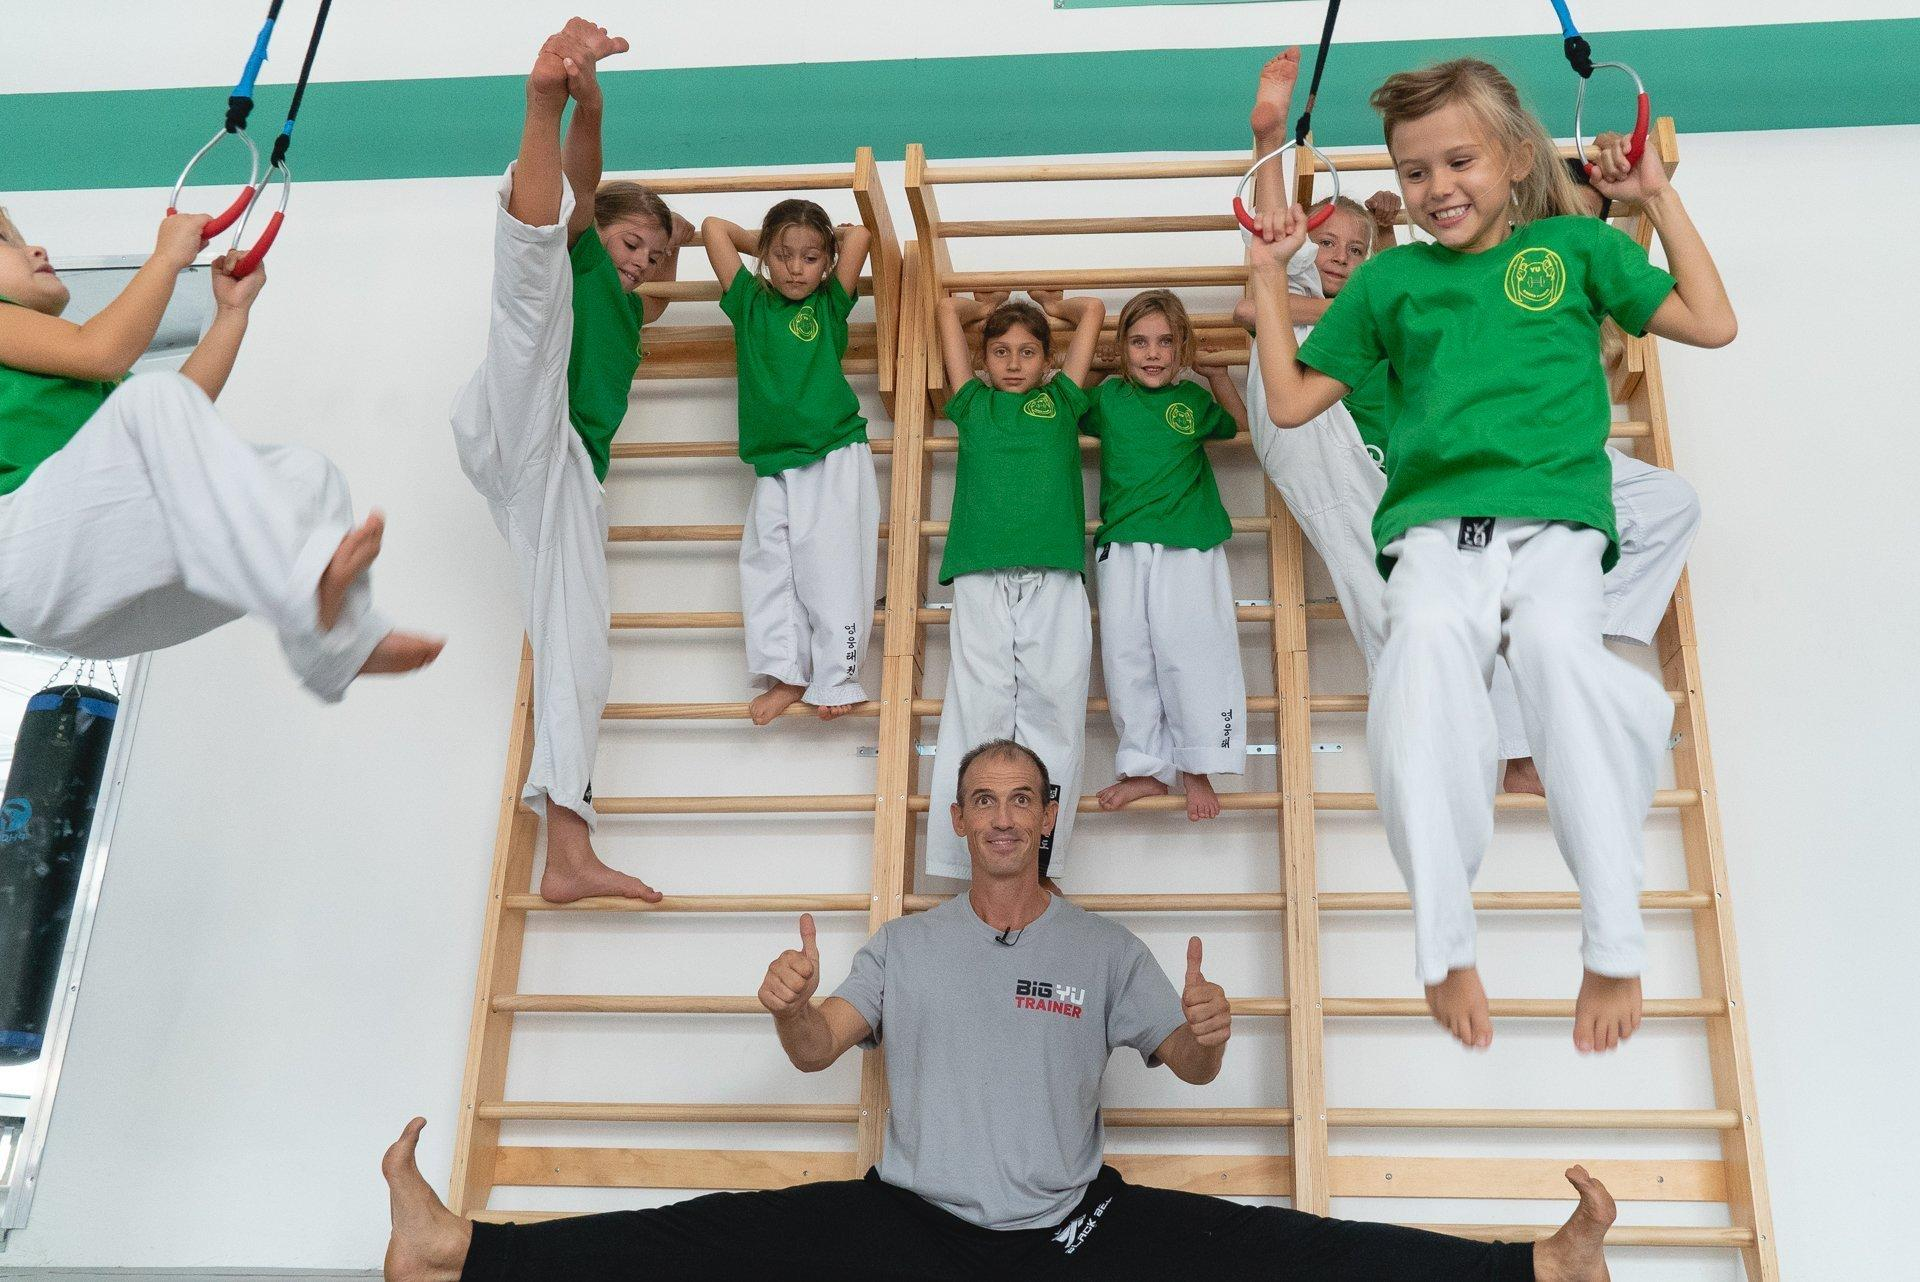 Sabonim im Spagat und Kinder auf der Leiter und den Ringen